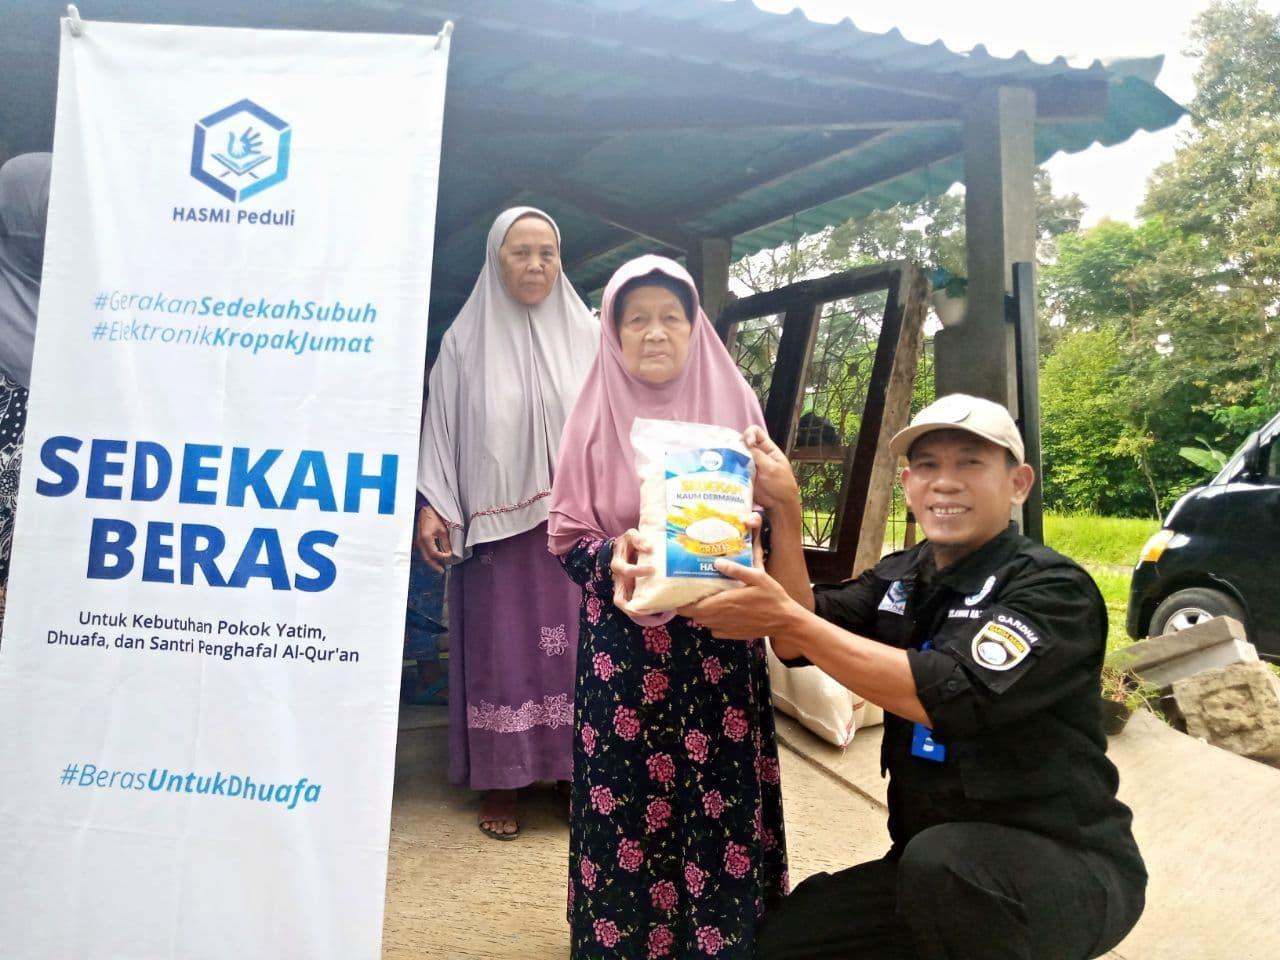 Bantuan Paket Beras untuk Para Dhuafa, Leuwiliang Kab. Bogor